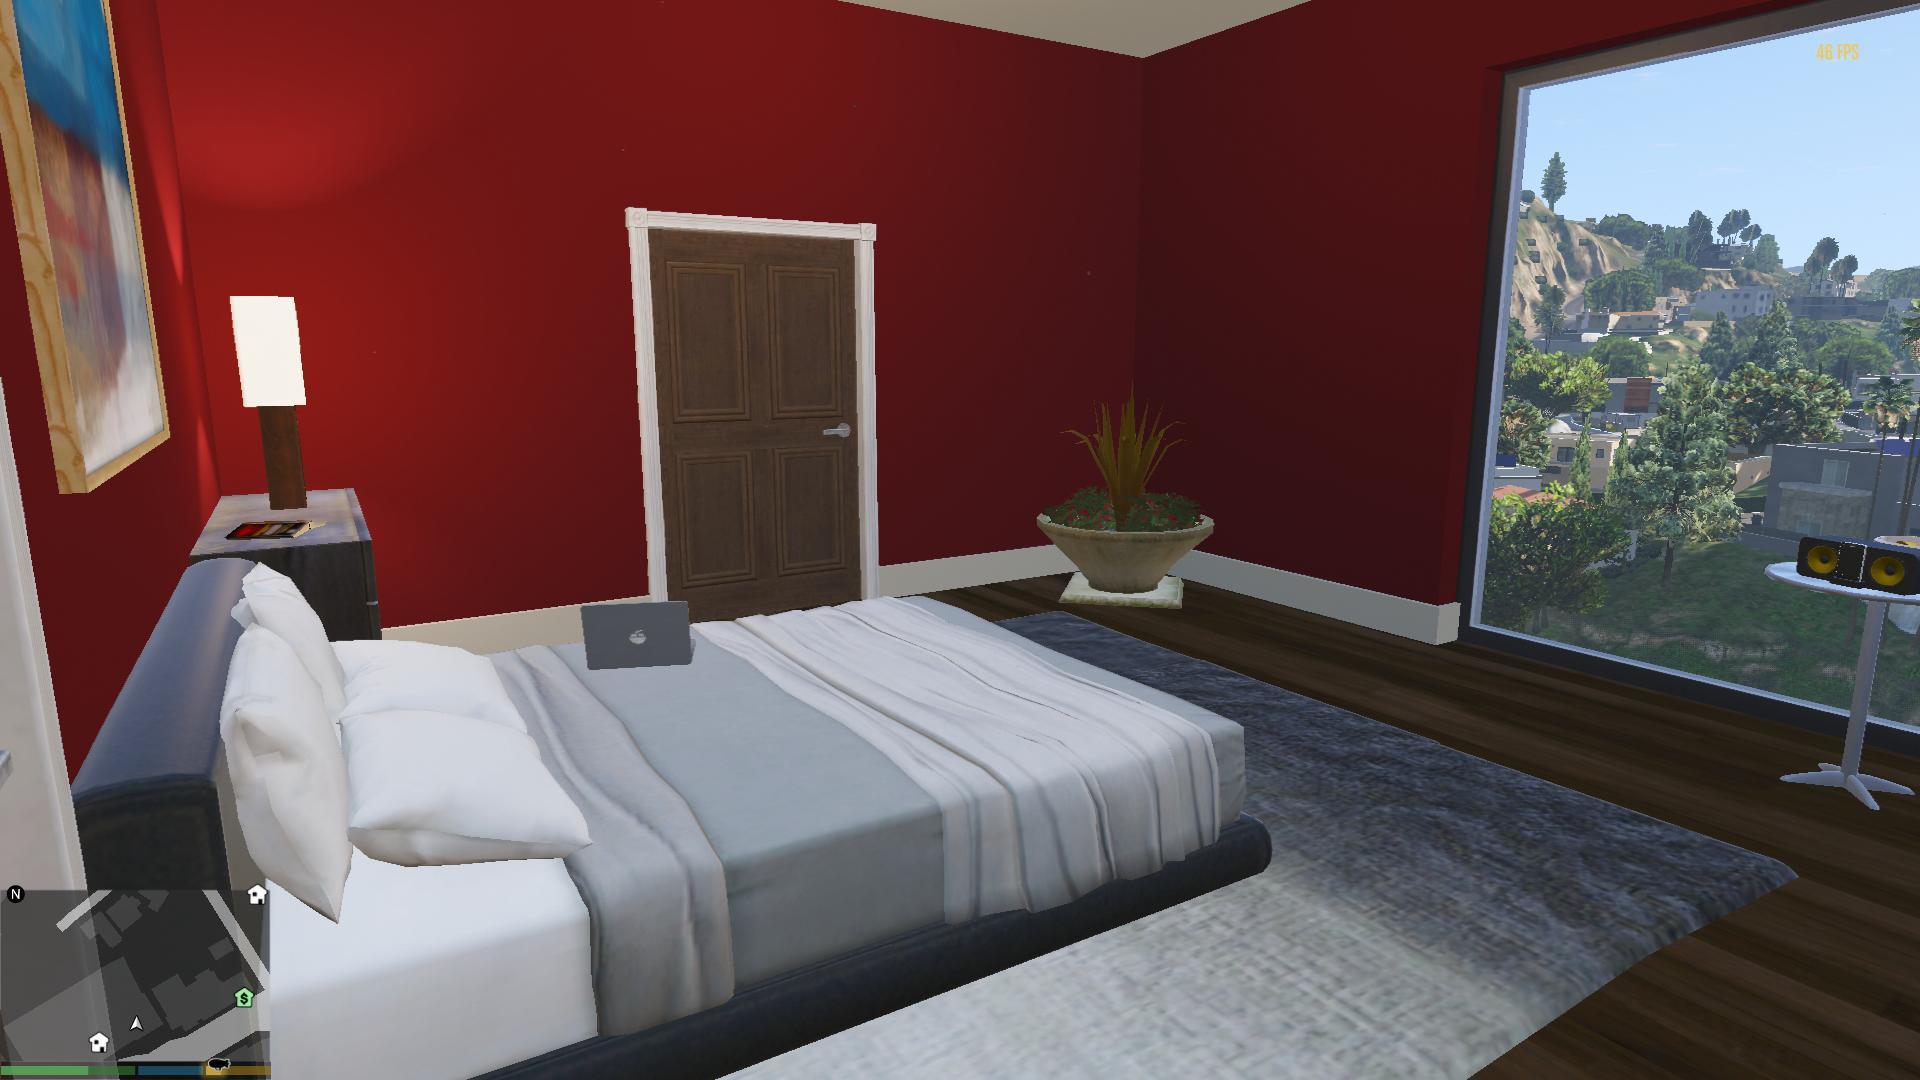 Eclipse Boulevard Apartment - GTA5-Mods.com